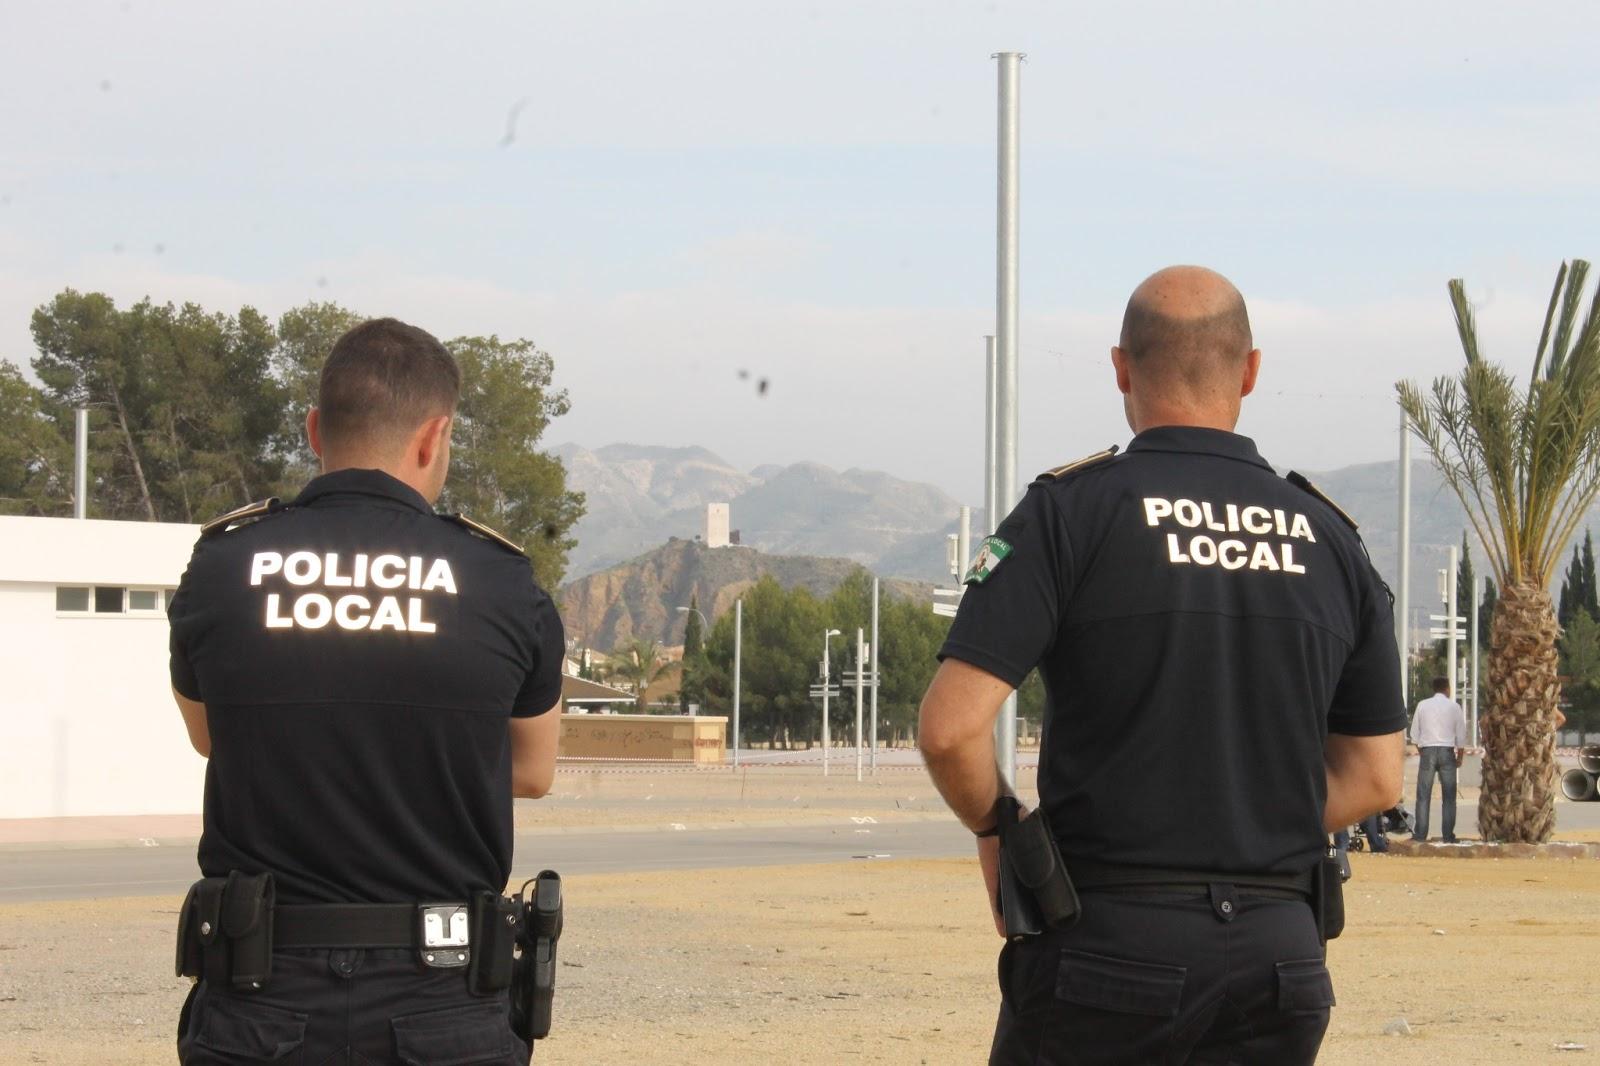 La Policía Local de Huércal-Overa detiene a un joven por un presunto delito de violencia de género